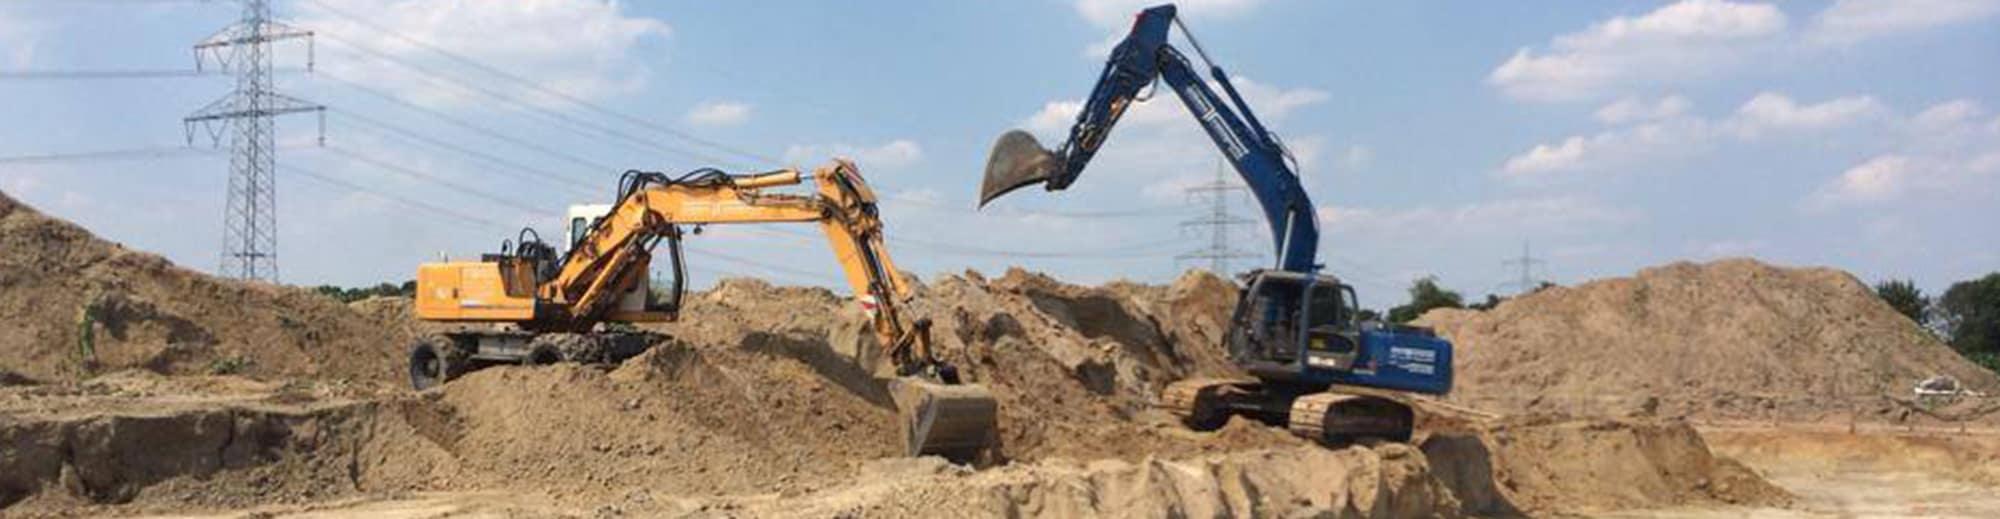 Impressionen von unseren Arbeiten - Baggerarbeiten, Planierarbeiten, Transport von Boden und Baustoffen